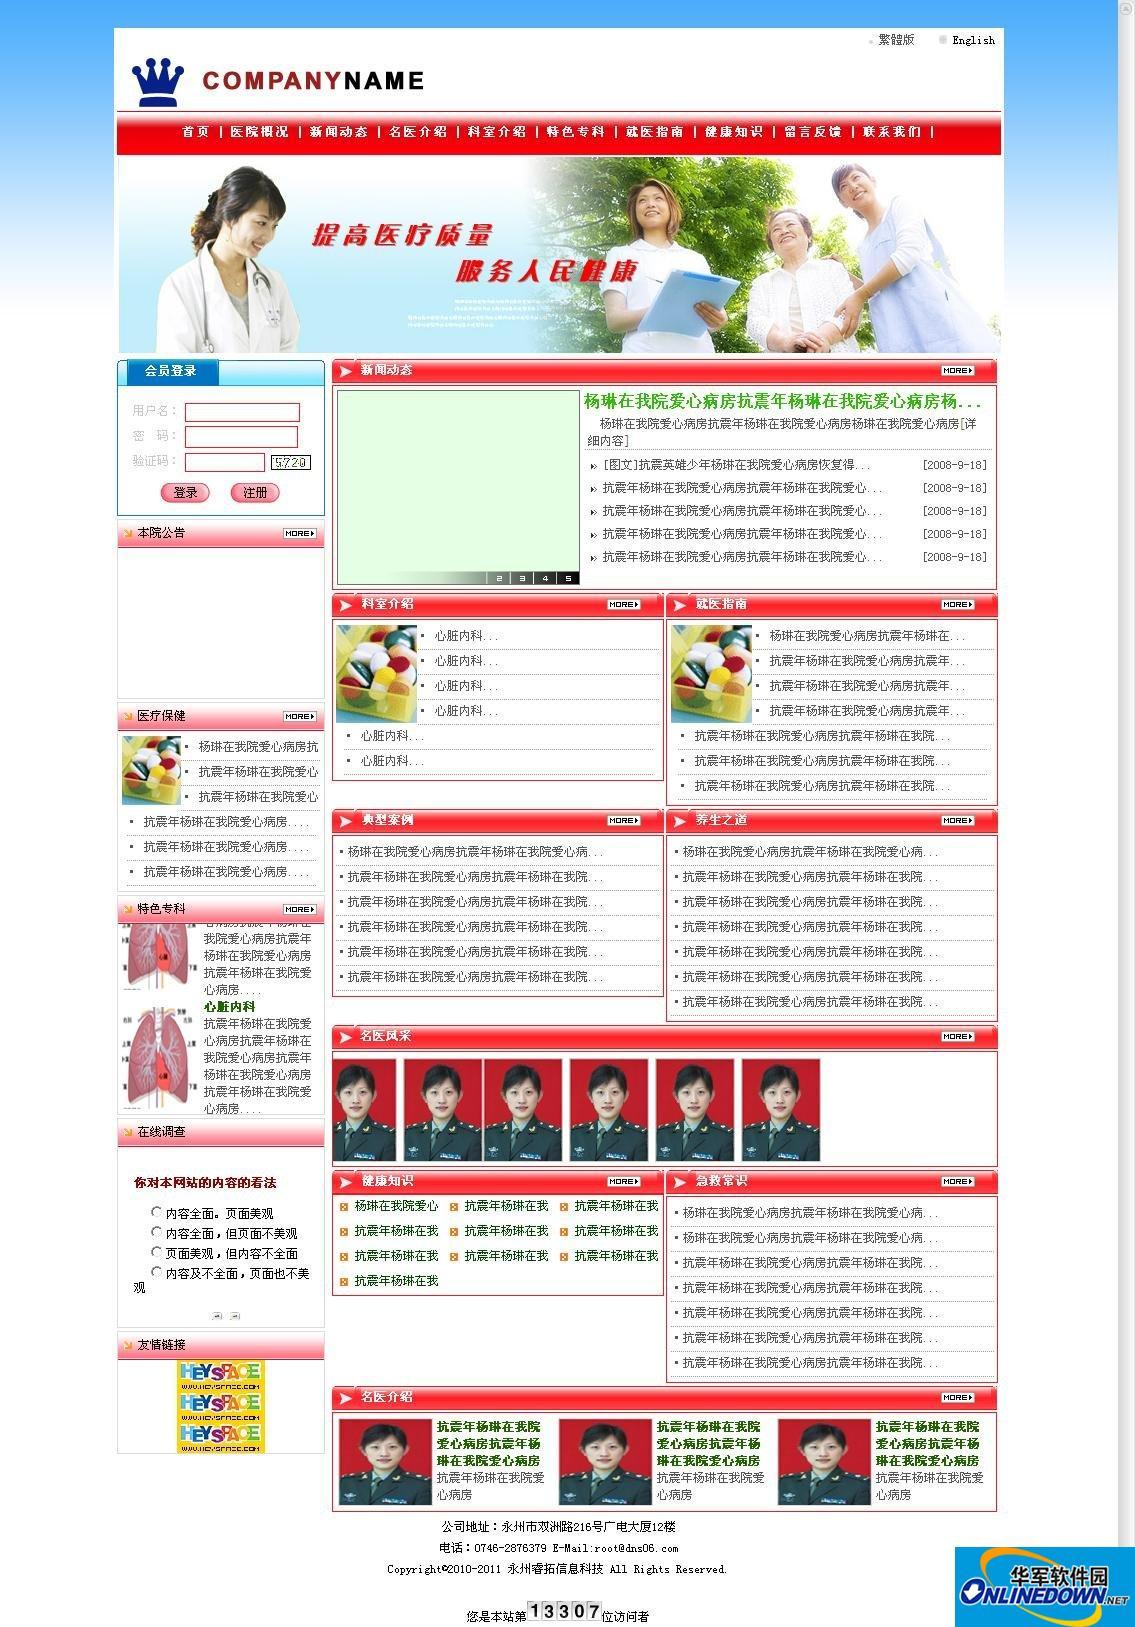 睿拓医院网站管理系统